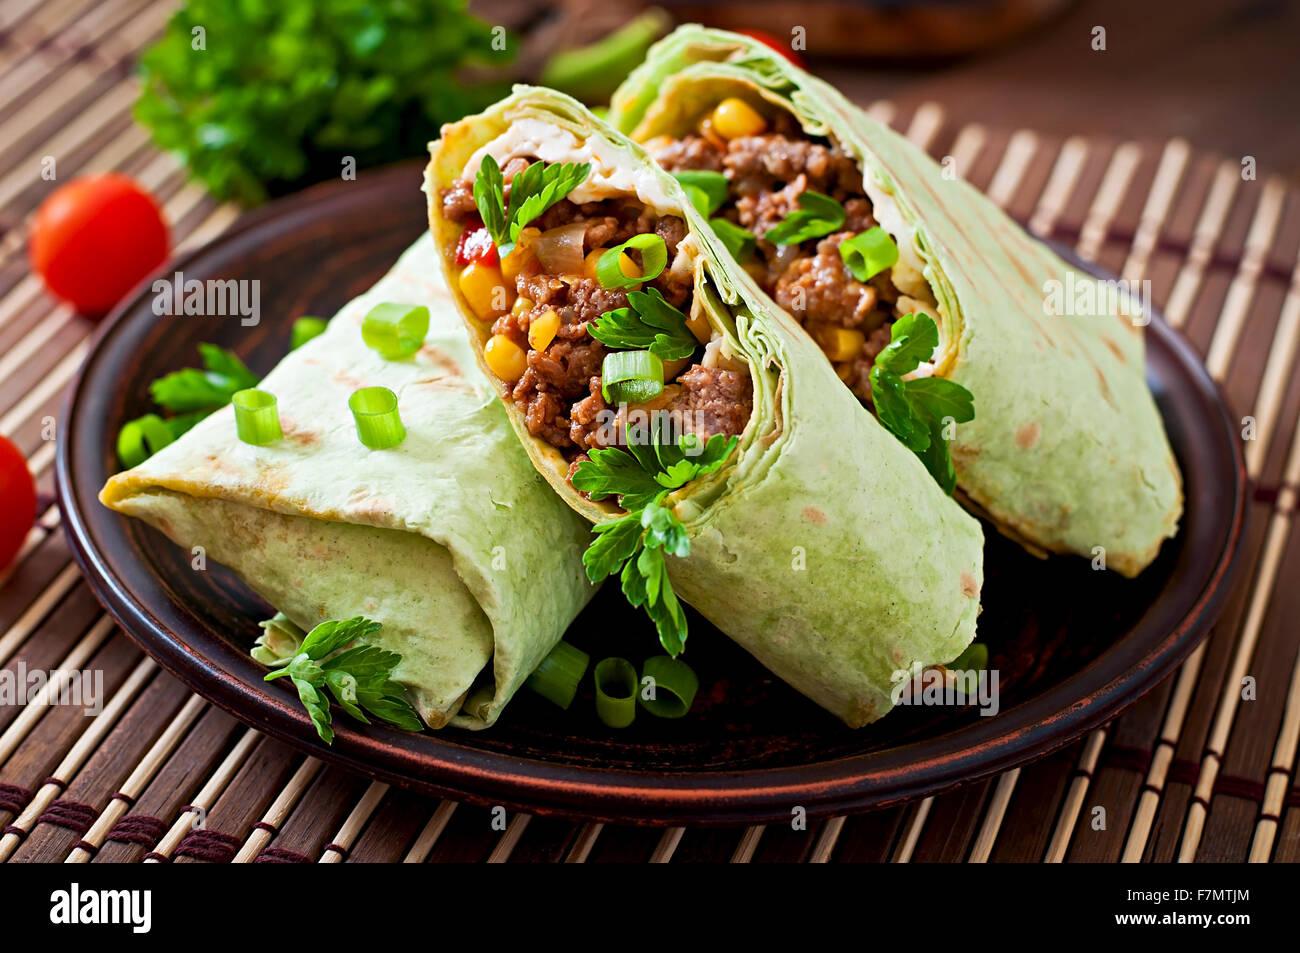 Los burritos envuelve con carne picada y verduras sobre un fondo de madera Imagen De Stock